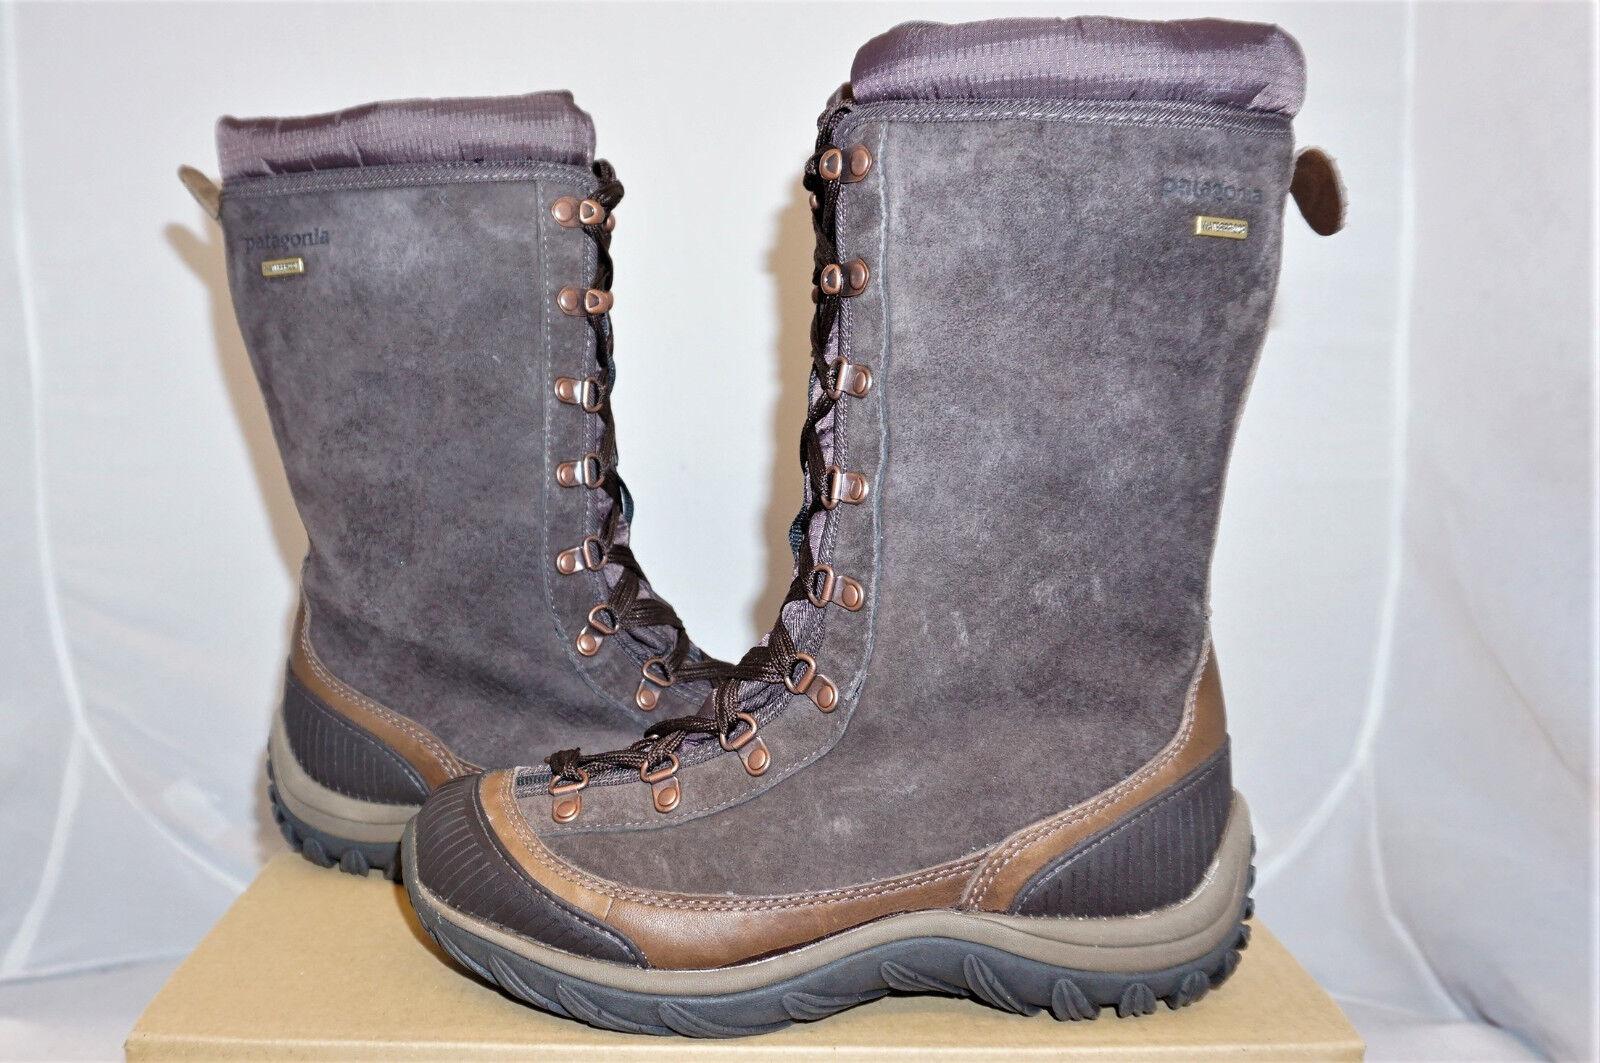 Patagonia Koyuk WP UK EU 4 EU UK 37 US 6 Winterschuhe Winter Stiefel NEU  #2877 dec56f